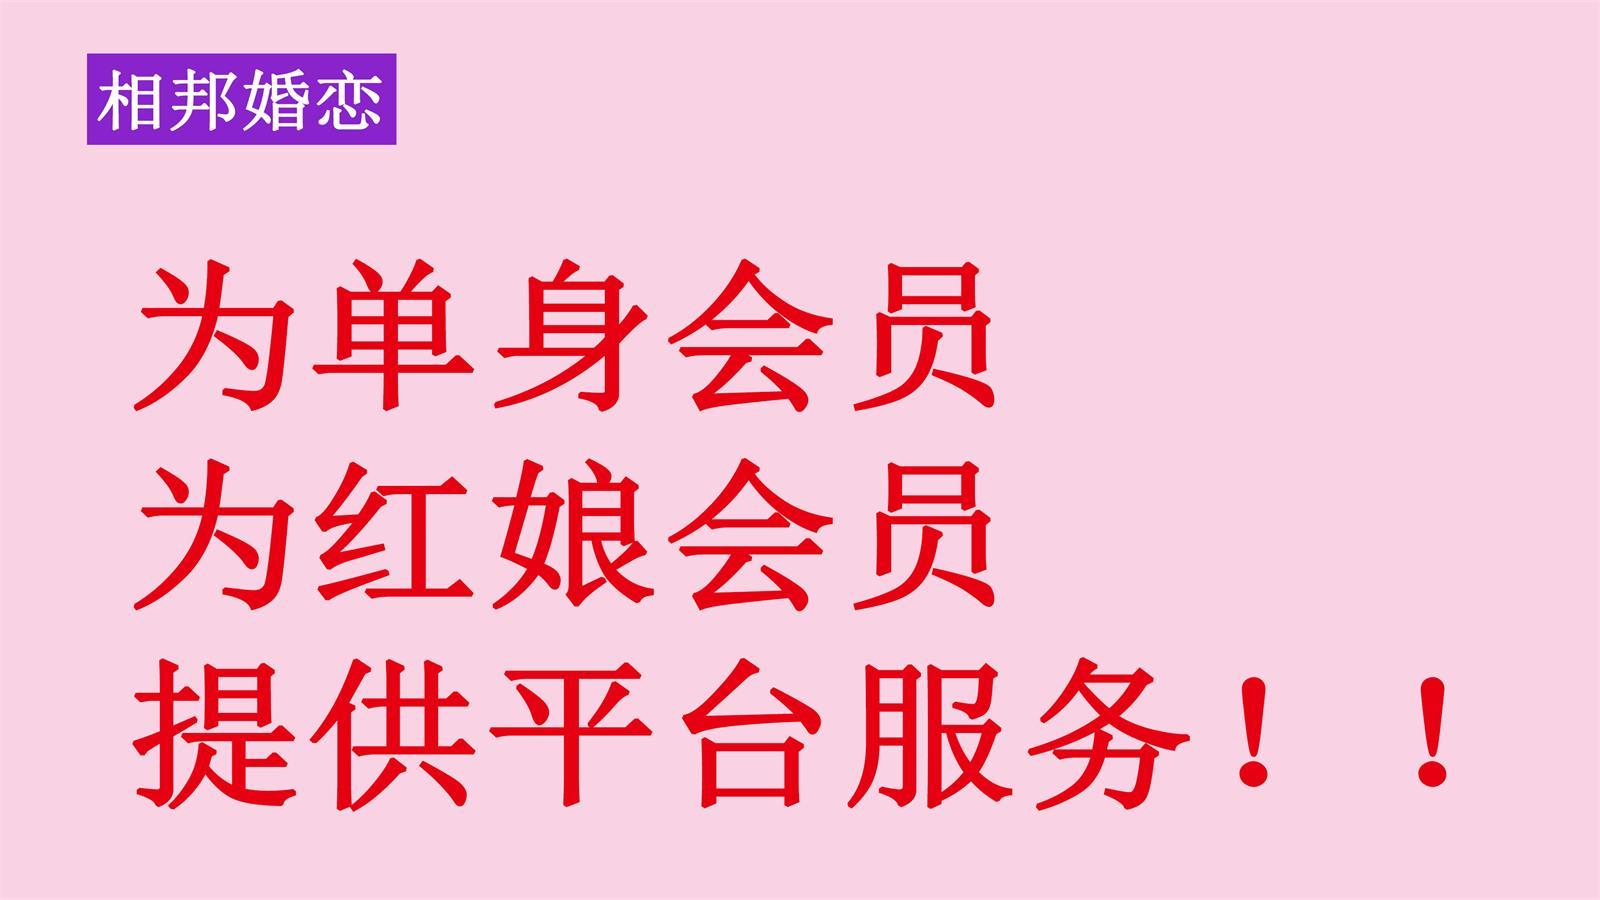 济南婚介,济南婚姻介绍所,济南相亲网,济南征婚,婚恋网,可自主联系、自由相亲、自由恋爱;